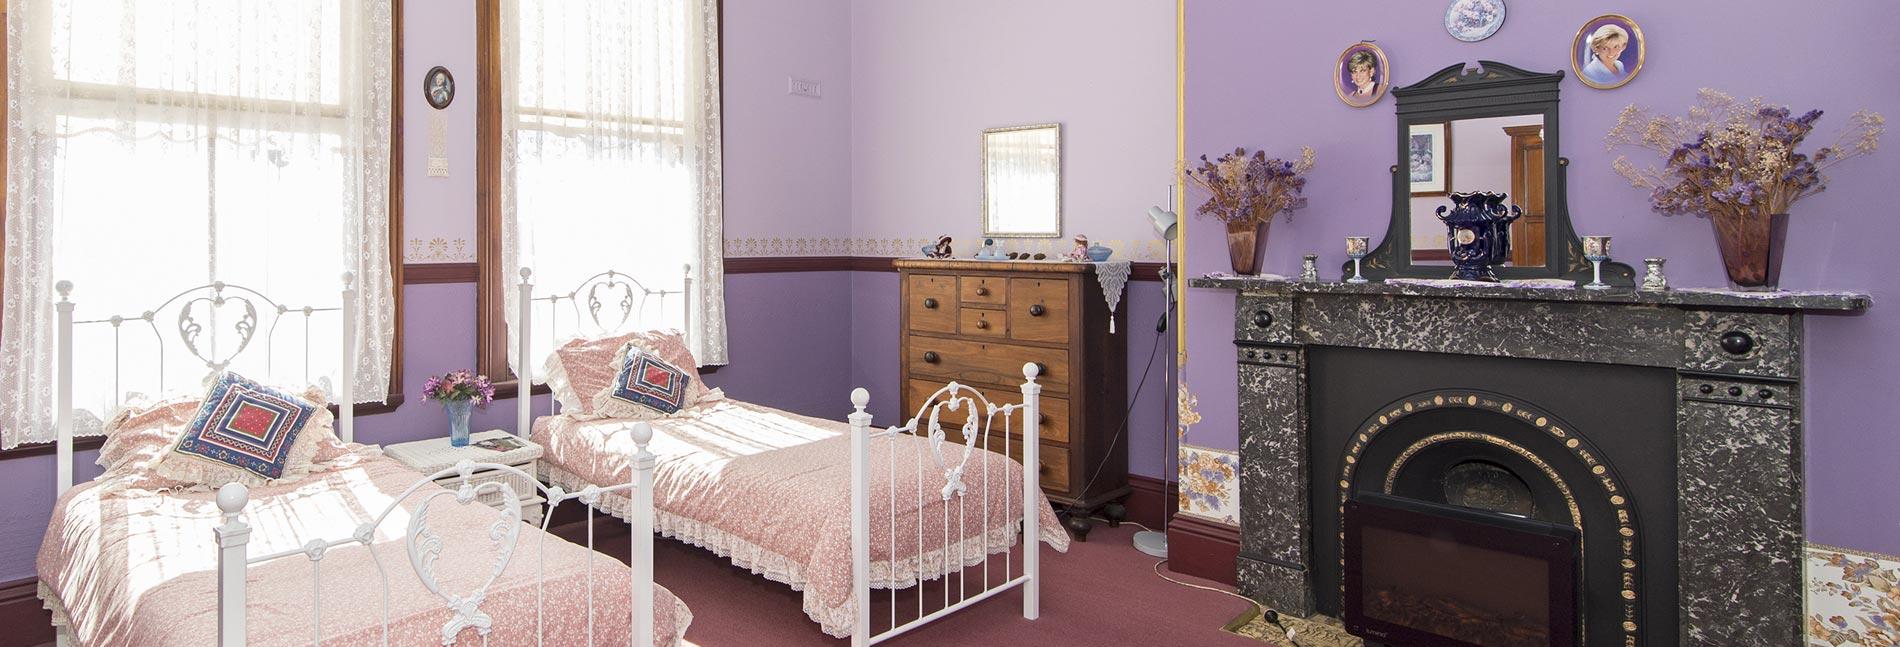 The Josephine Room